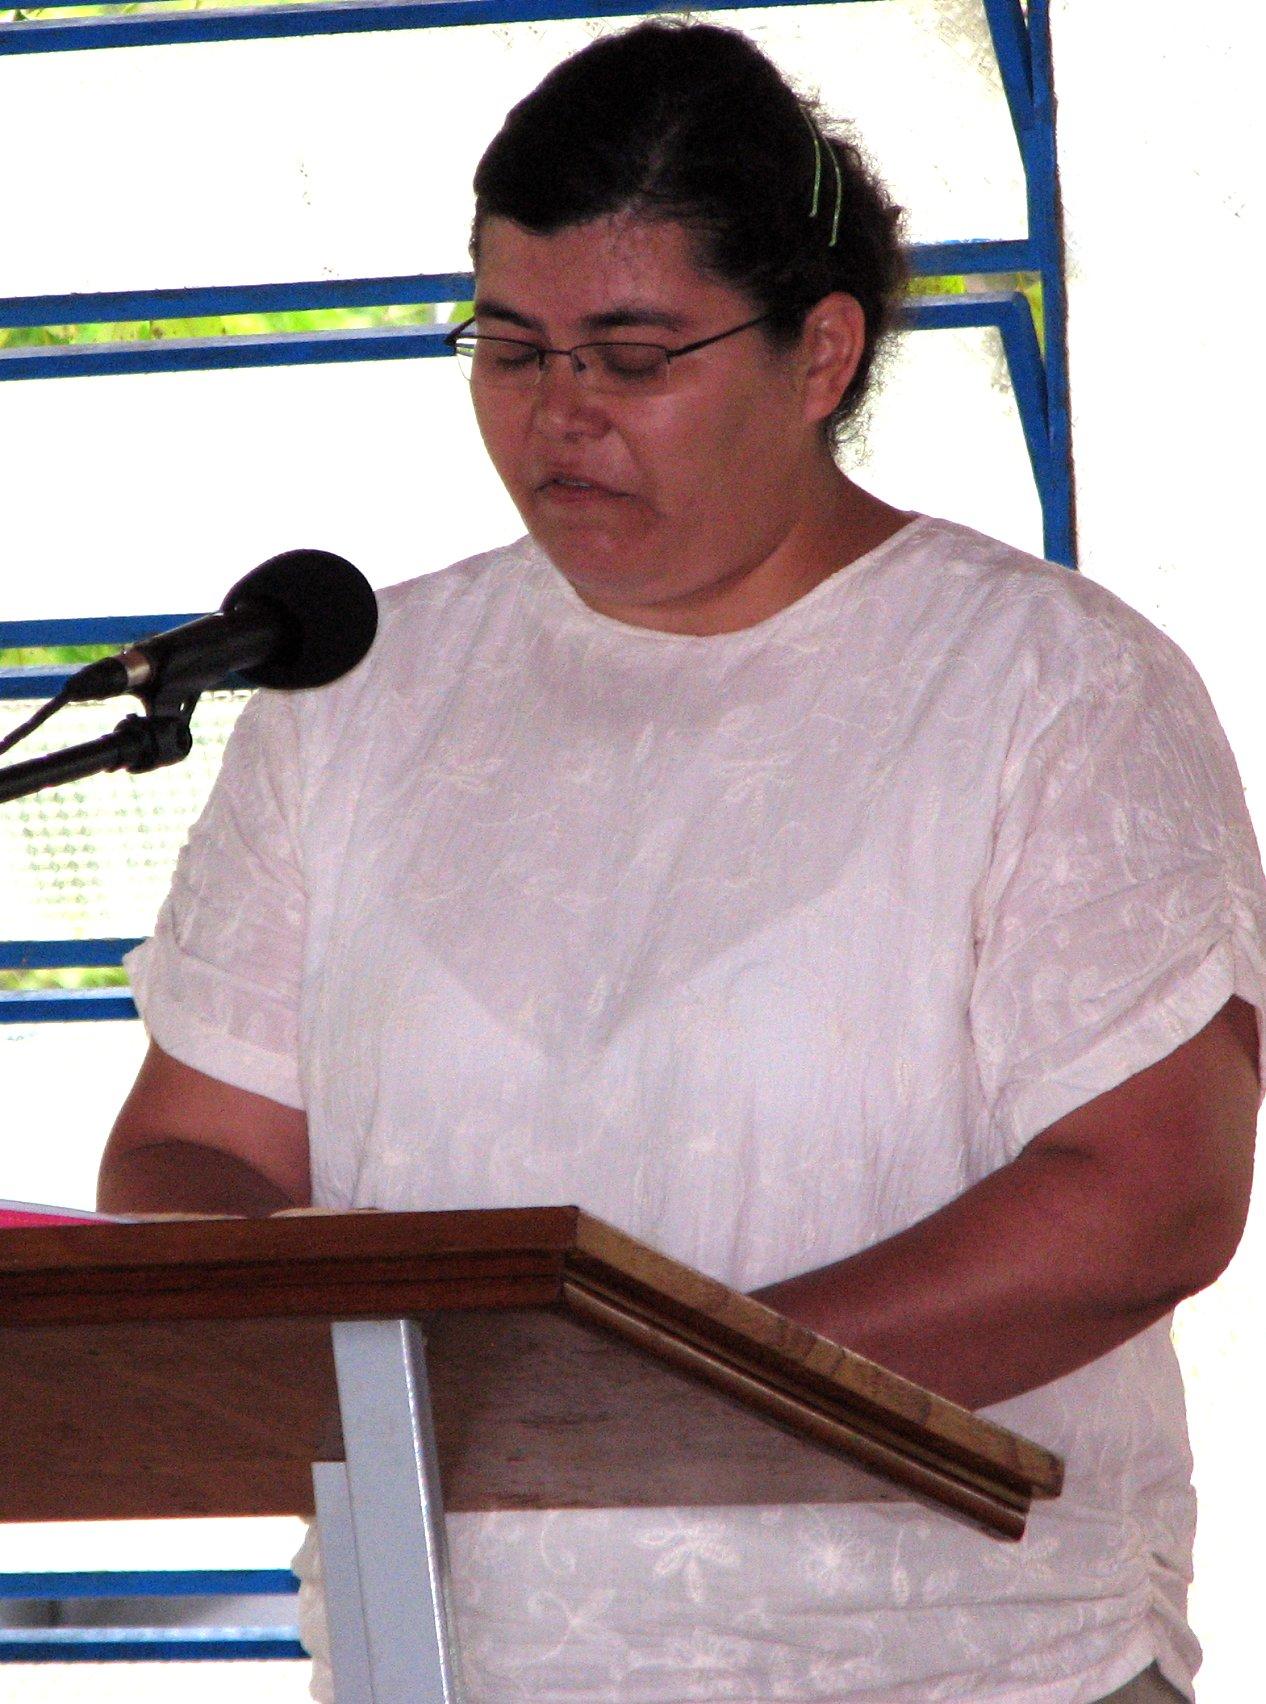 Alicia Ocampos